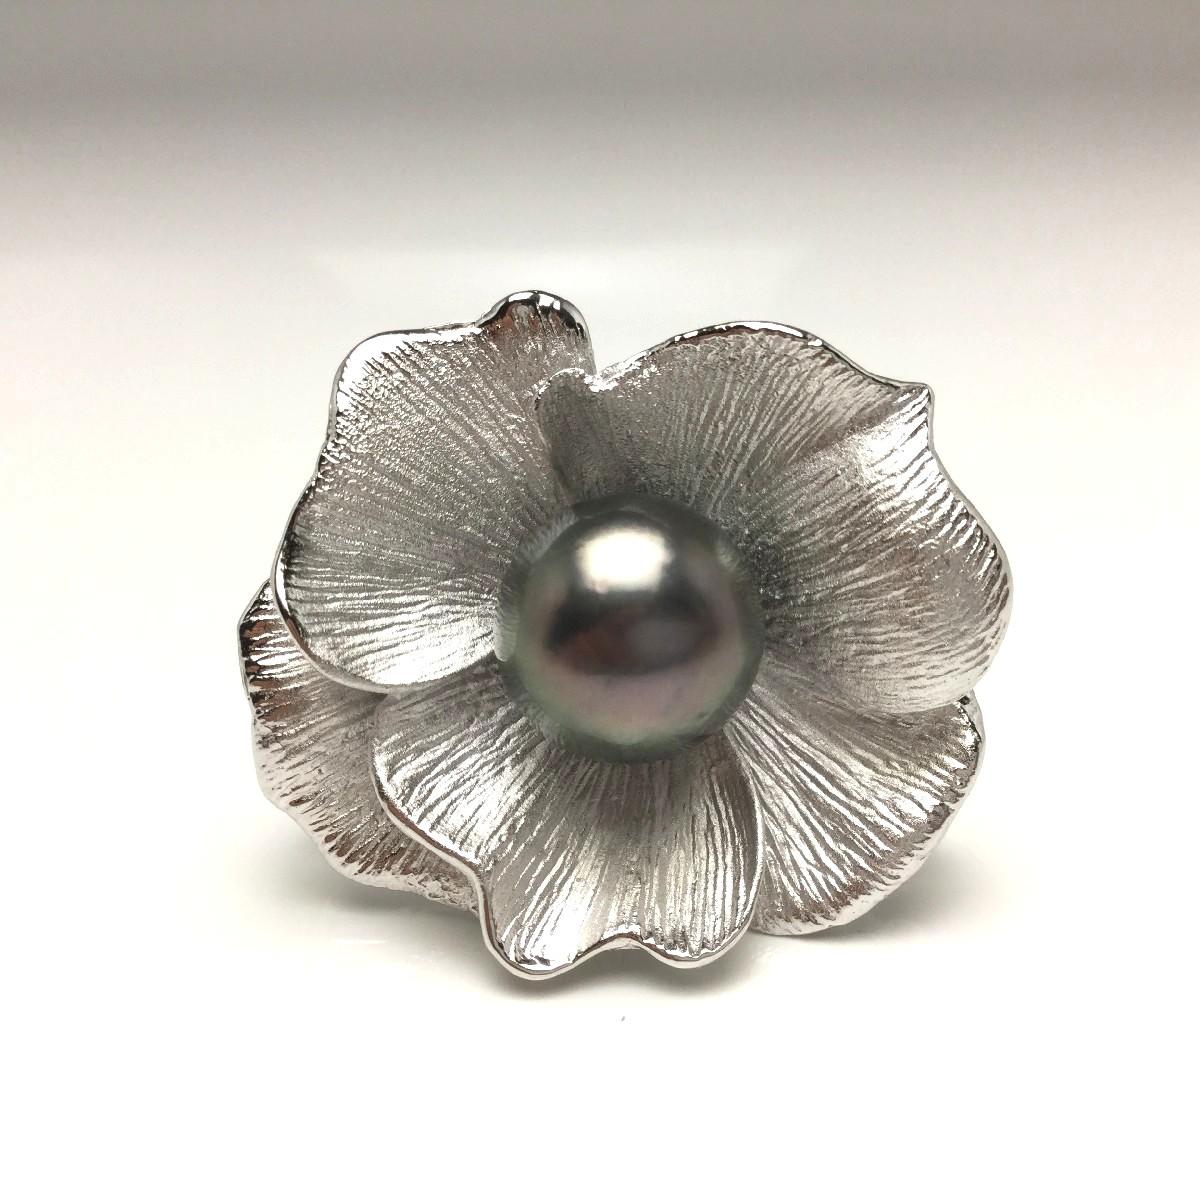 真珠 ブローチ パール 黒蝶真珠 12.1mm ピーコックグリーン シルバー 66180 イソワパール